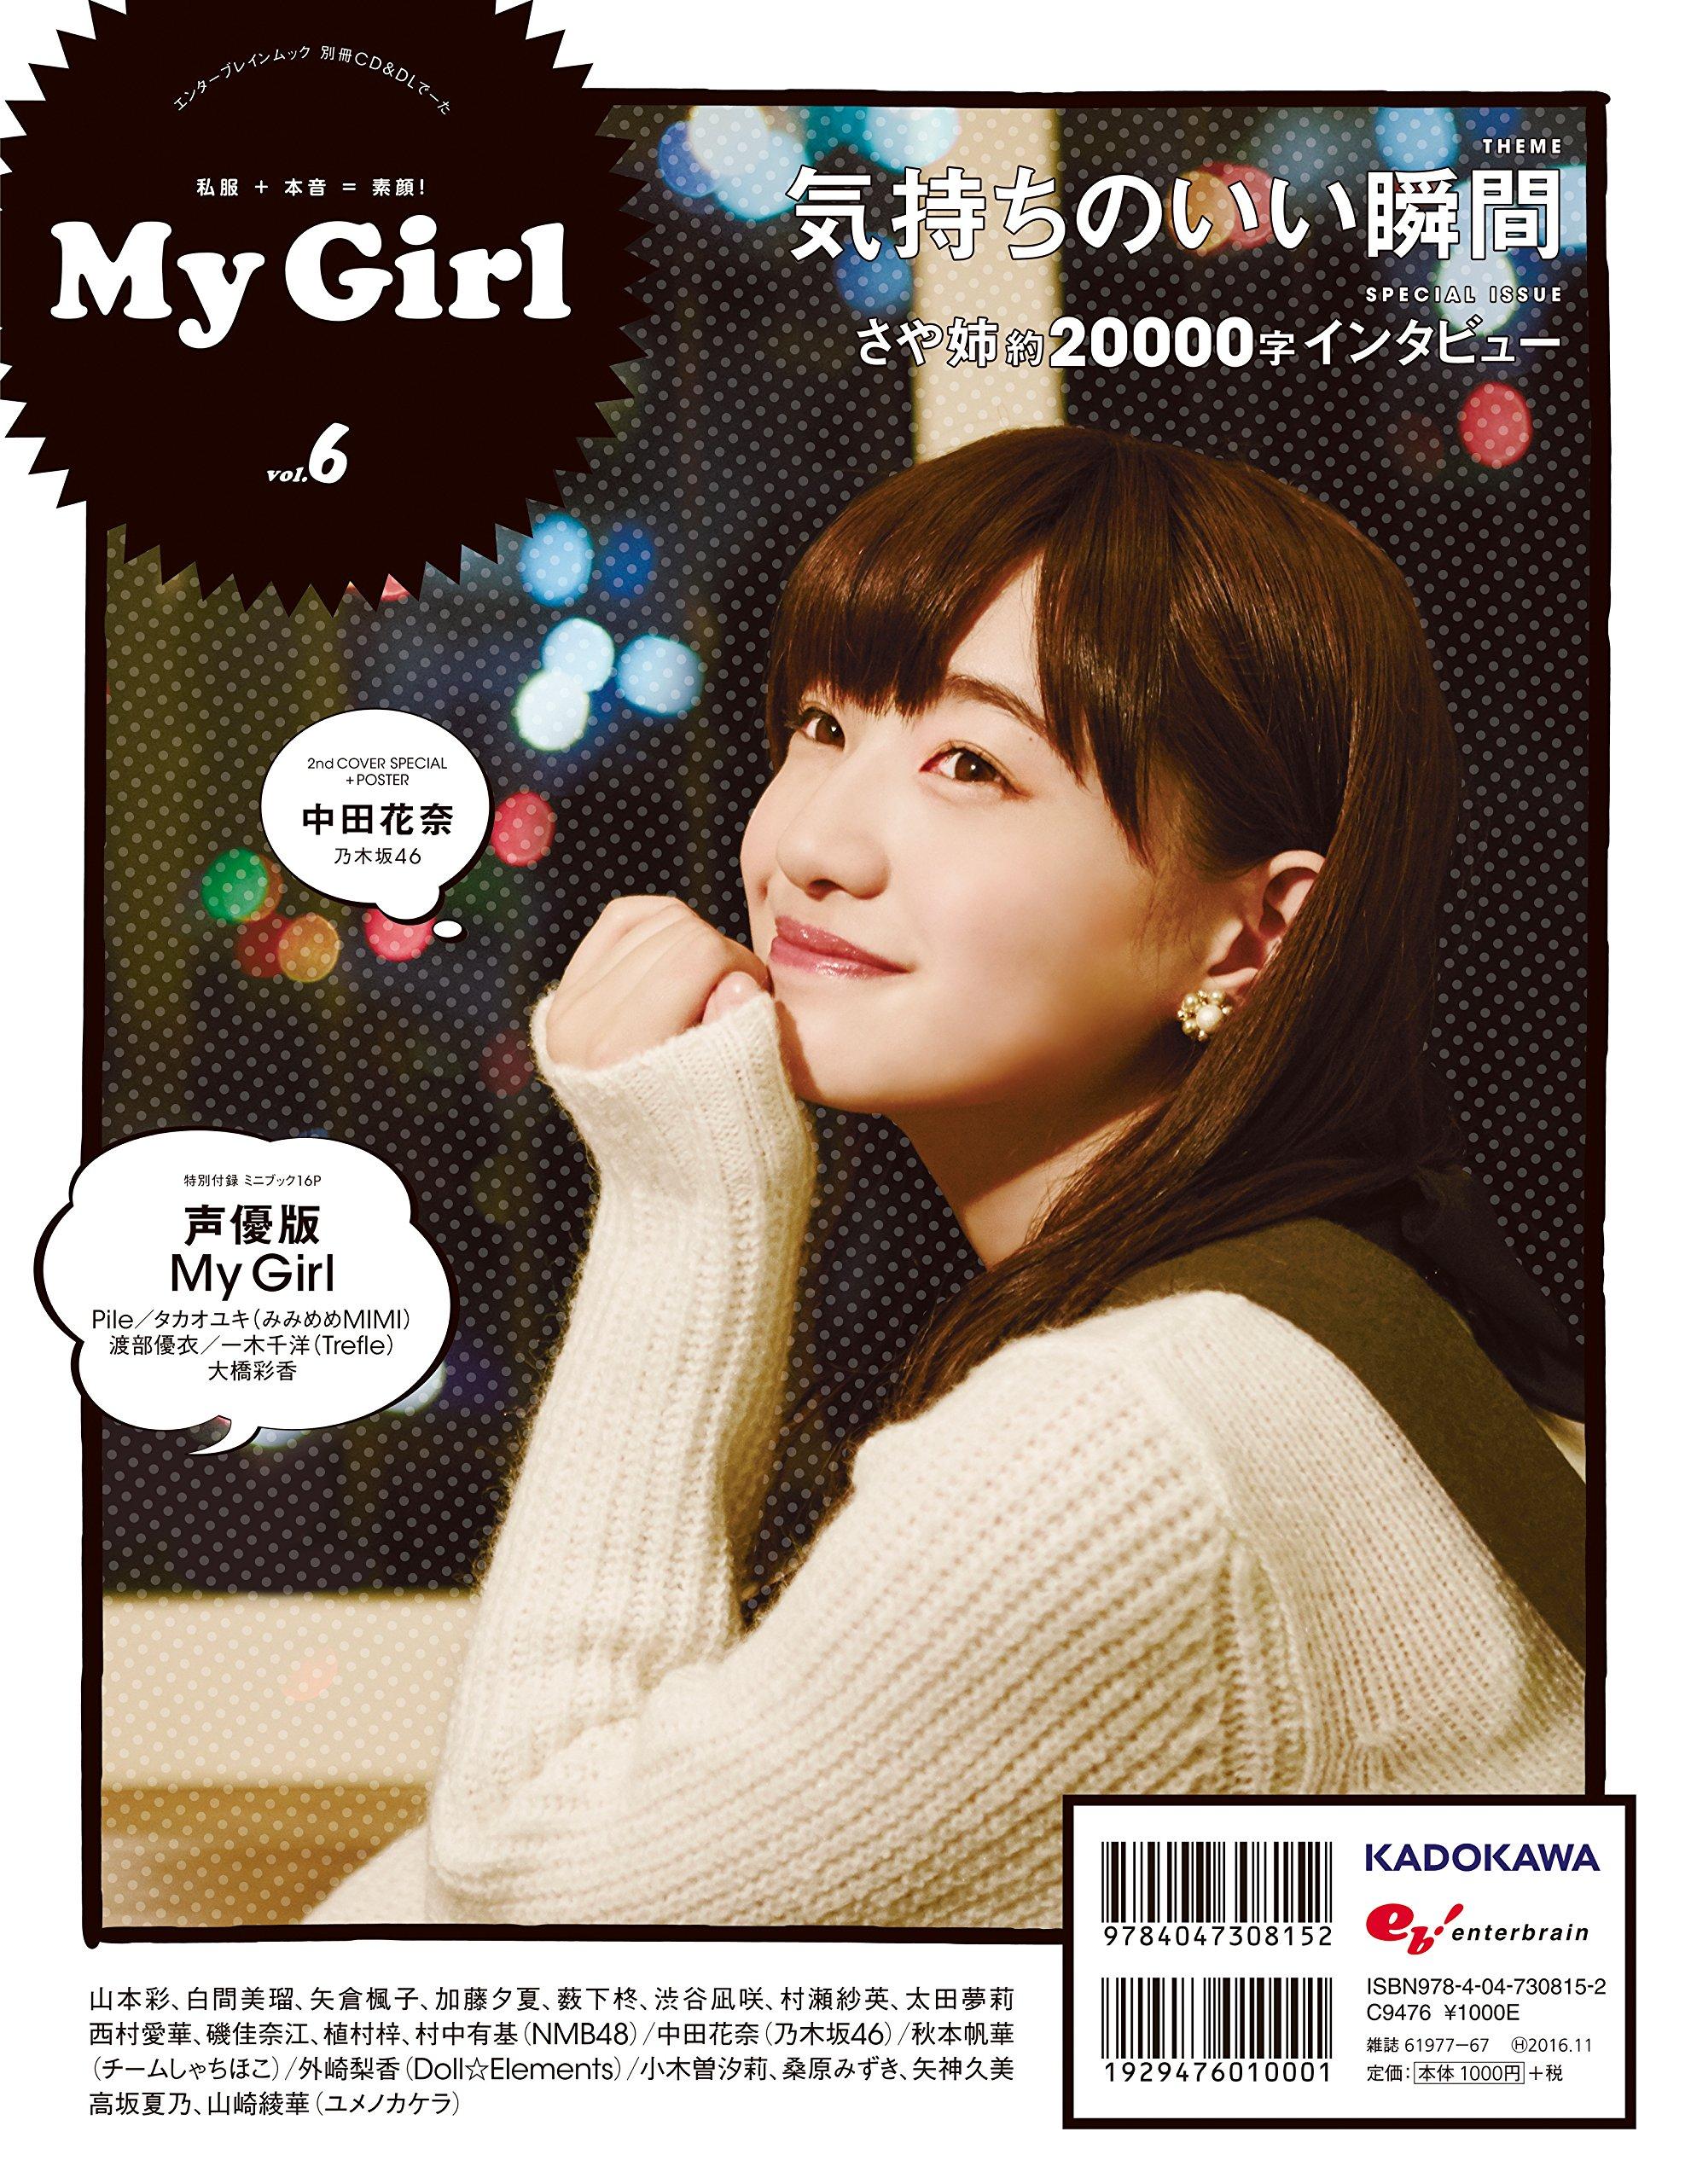 山本彩 表紙 別冊CD&DLでーた My Girl vol.6 (1)